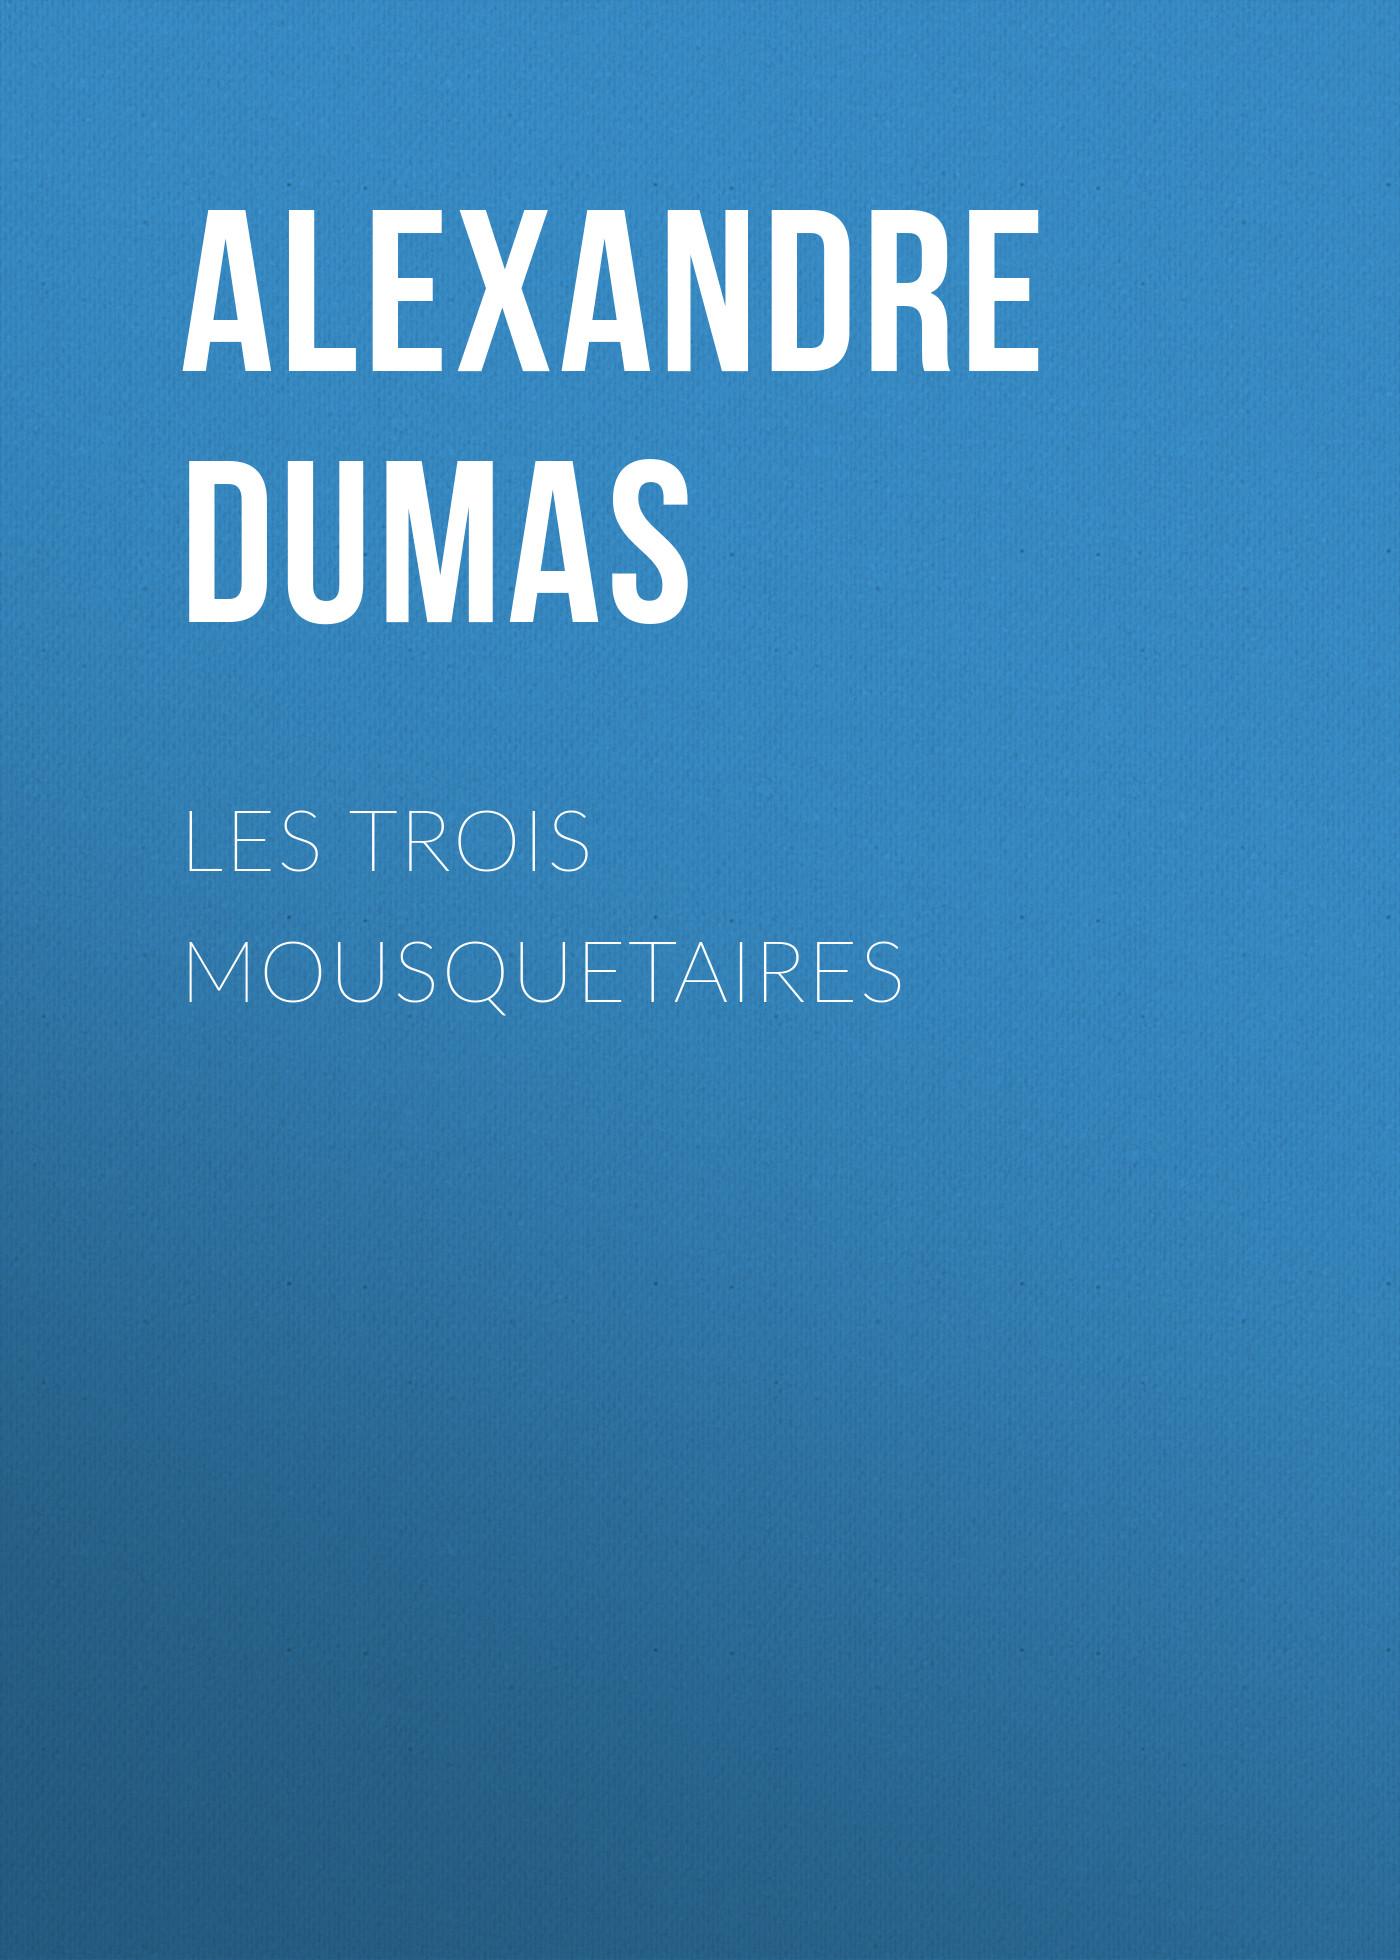 Alexandre Dumas Les trois mousquetaires les trois garçons мокасины